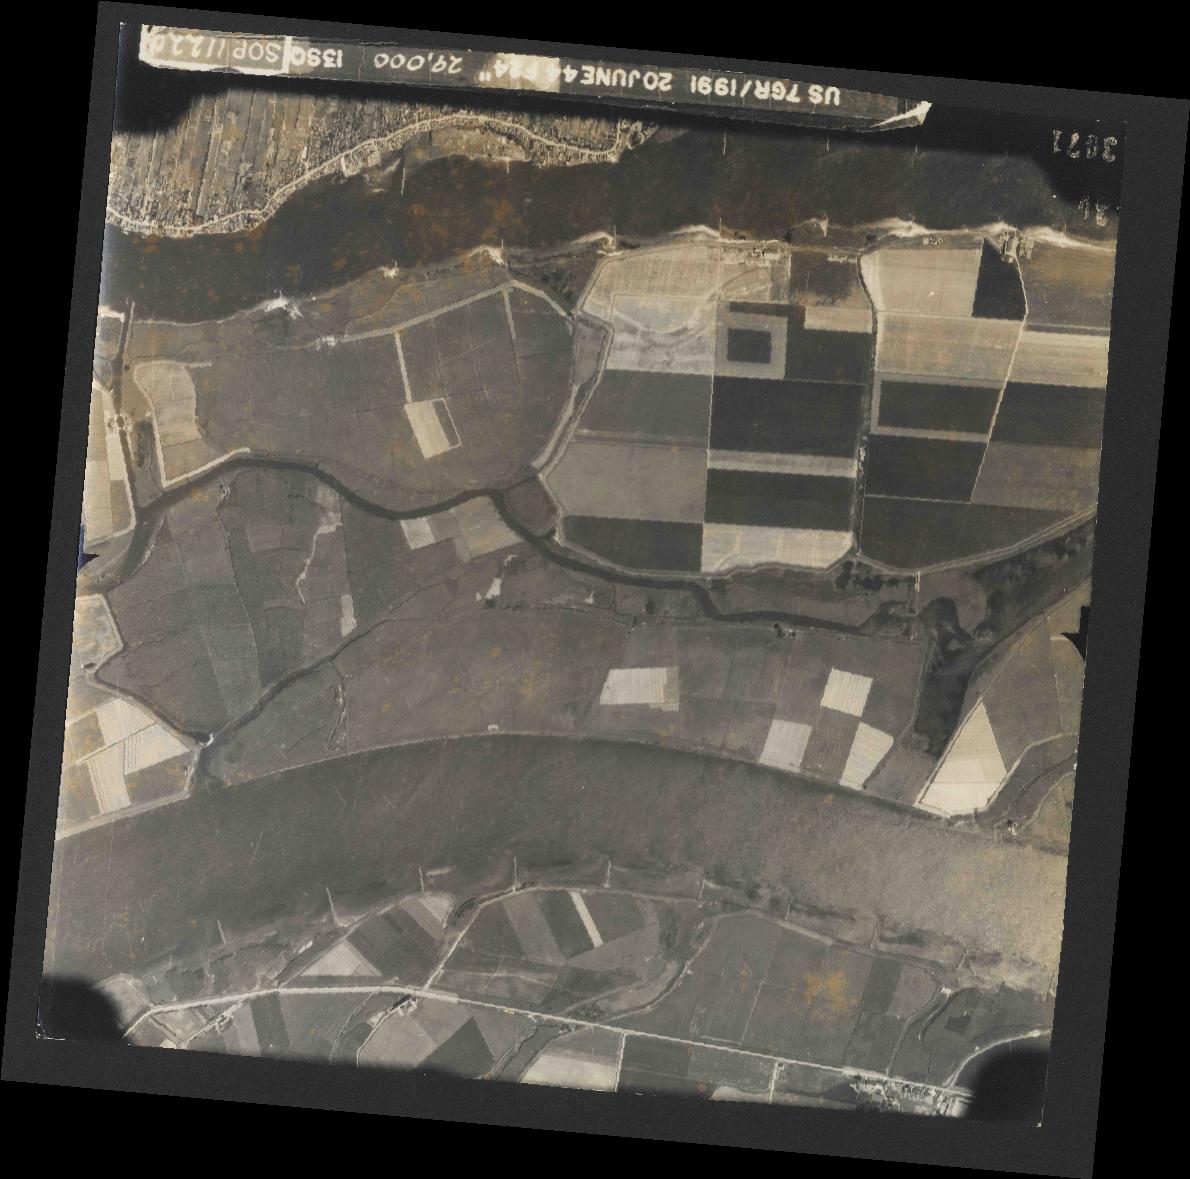 Collection RAF aerial photos 1940-1945 - flight 343, run 13, photo 3071